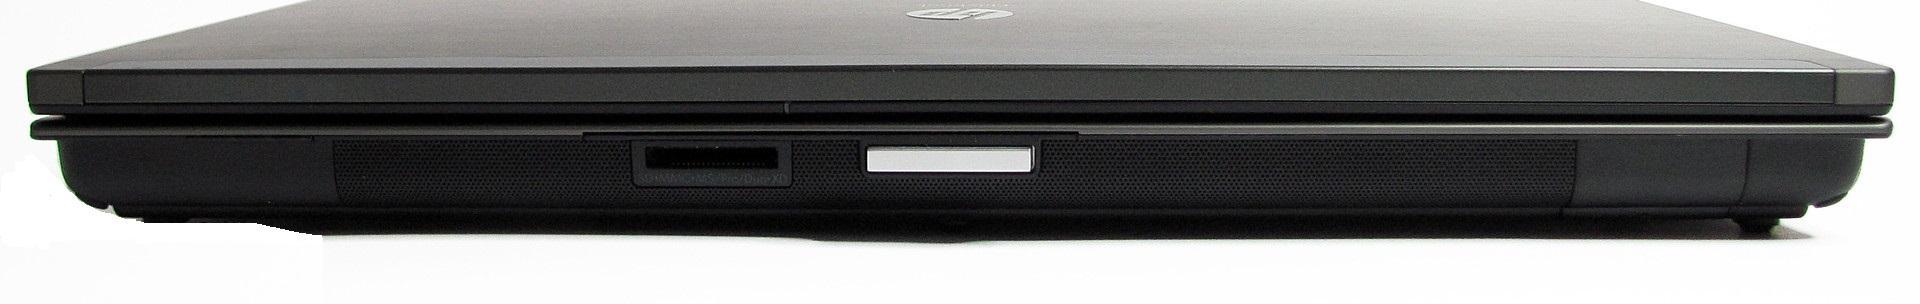 لپ تاپ اچ پی HP Elitebook 8540w-i7